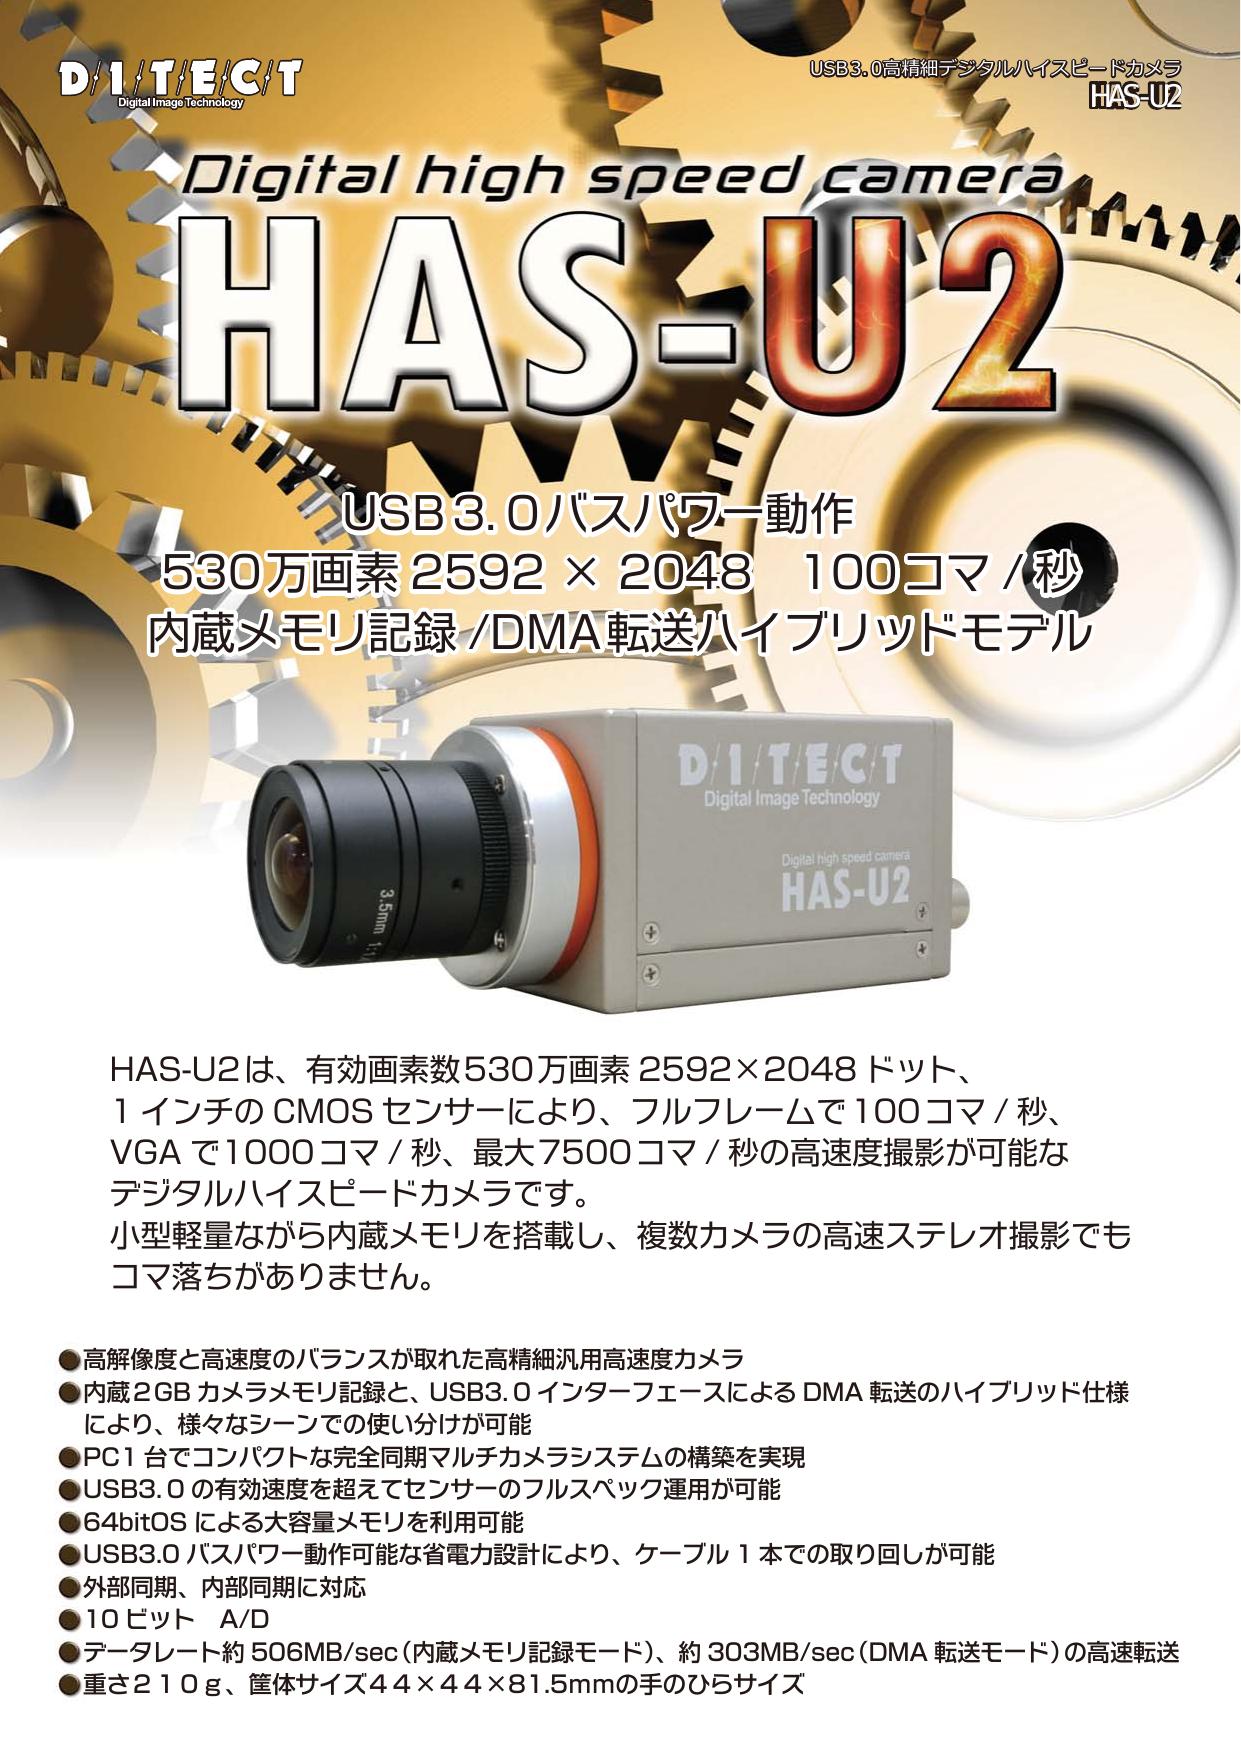 超小型ハイスピードカメラ